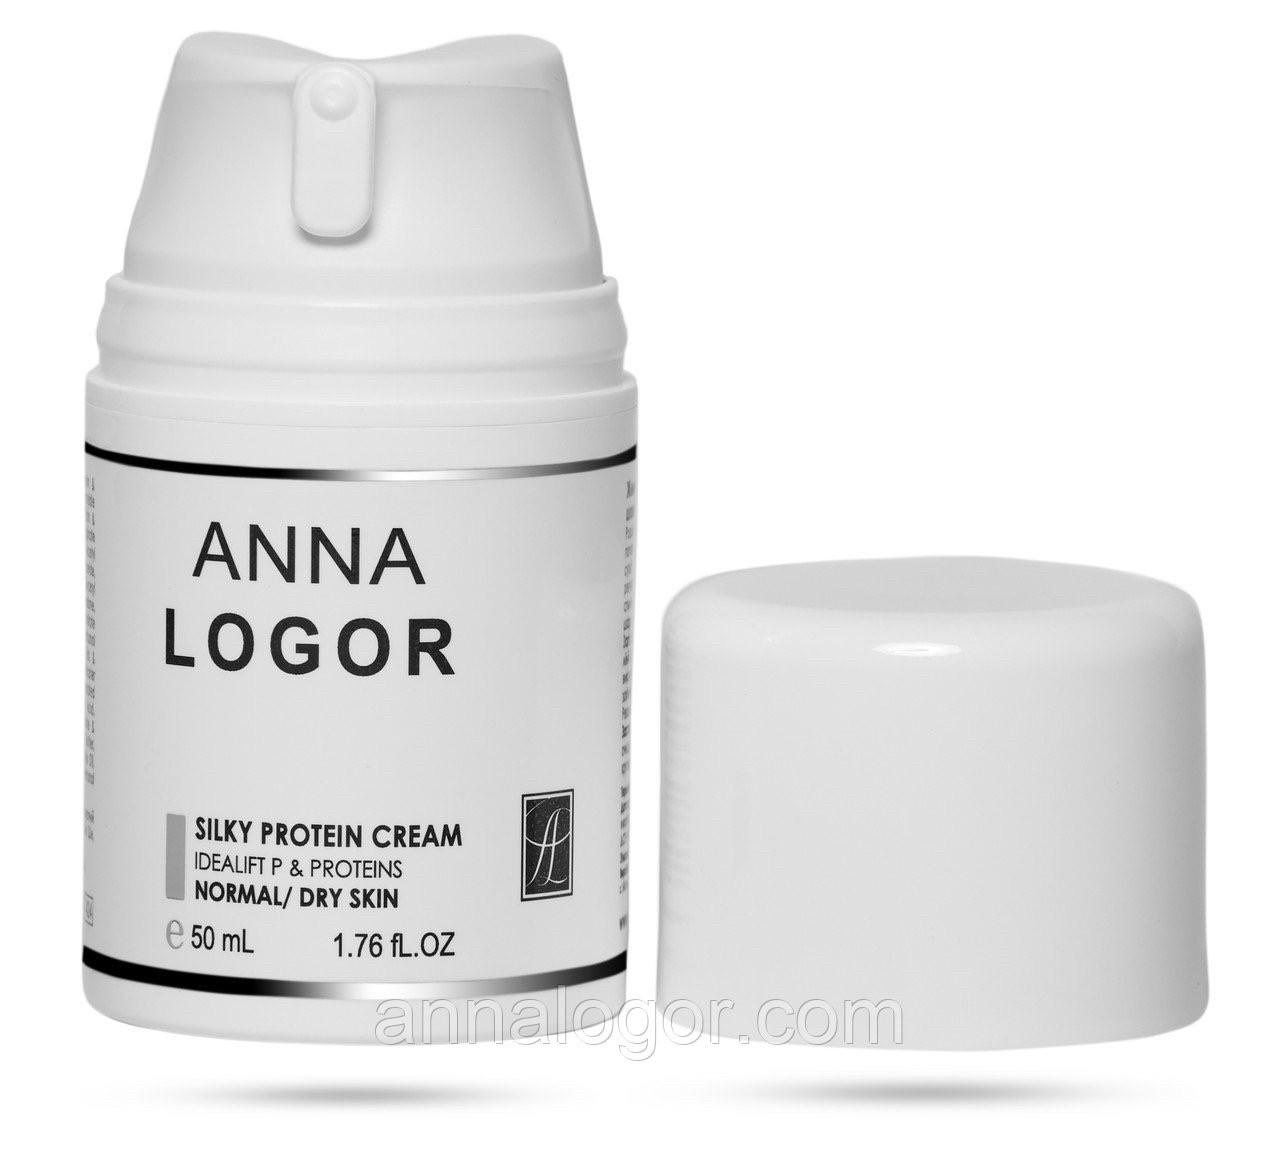 Крем питательный с протеинами шелка Anna LOGOR Silky Protein Cream 50 ml Art.424